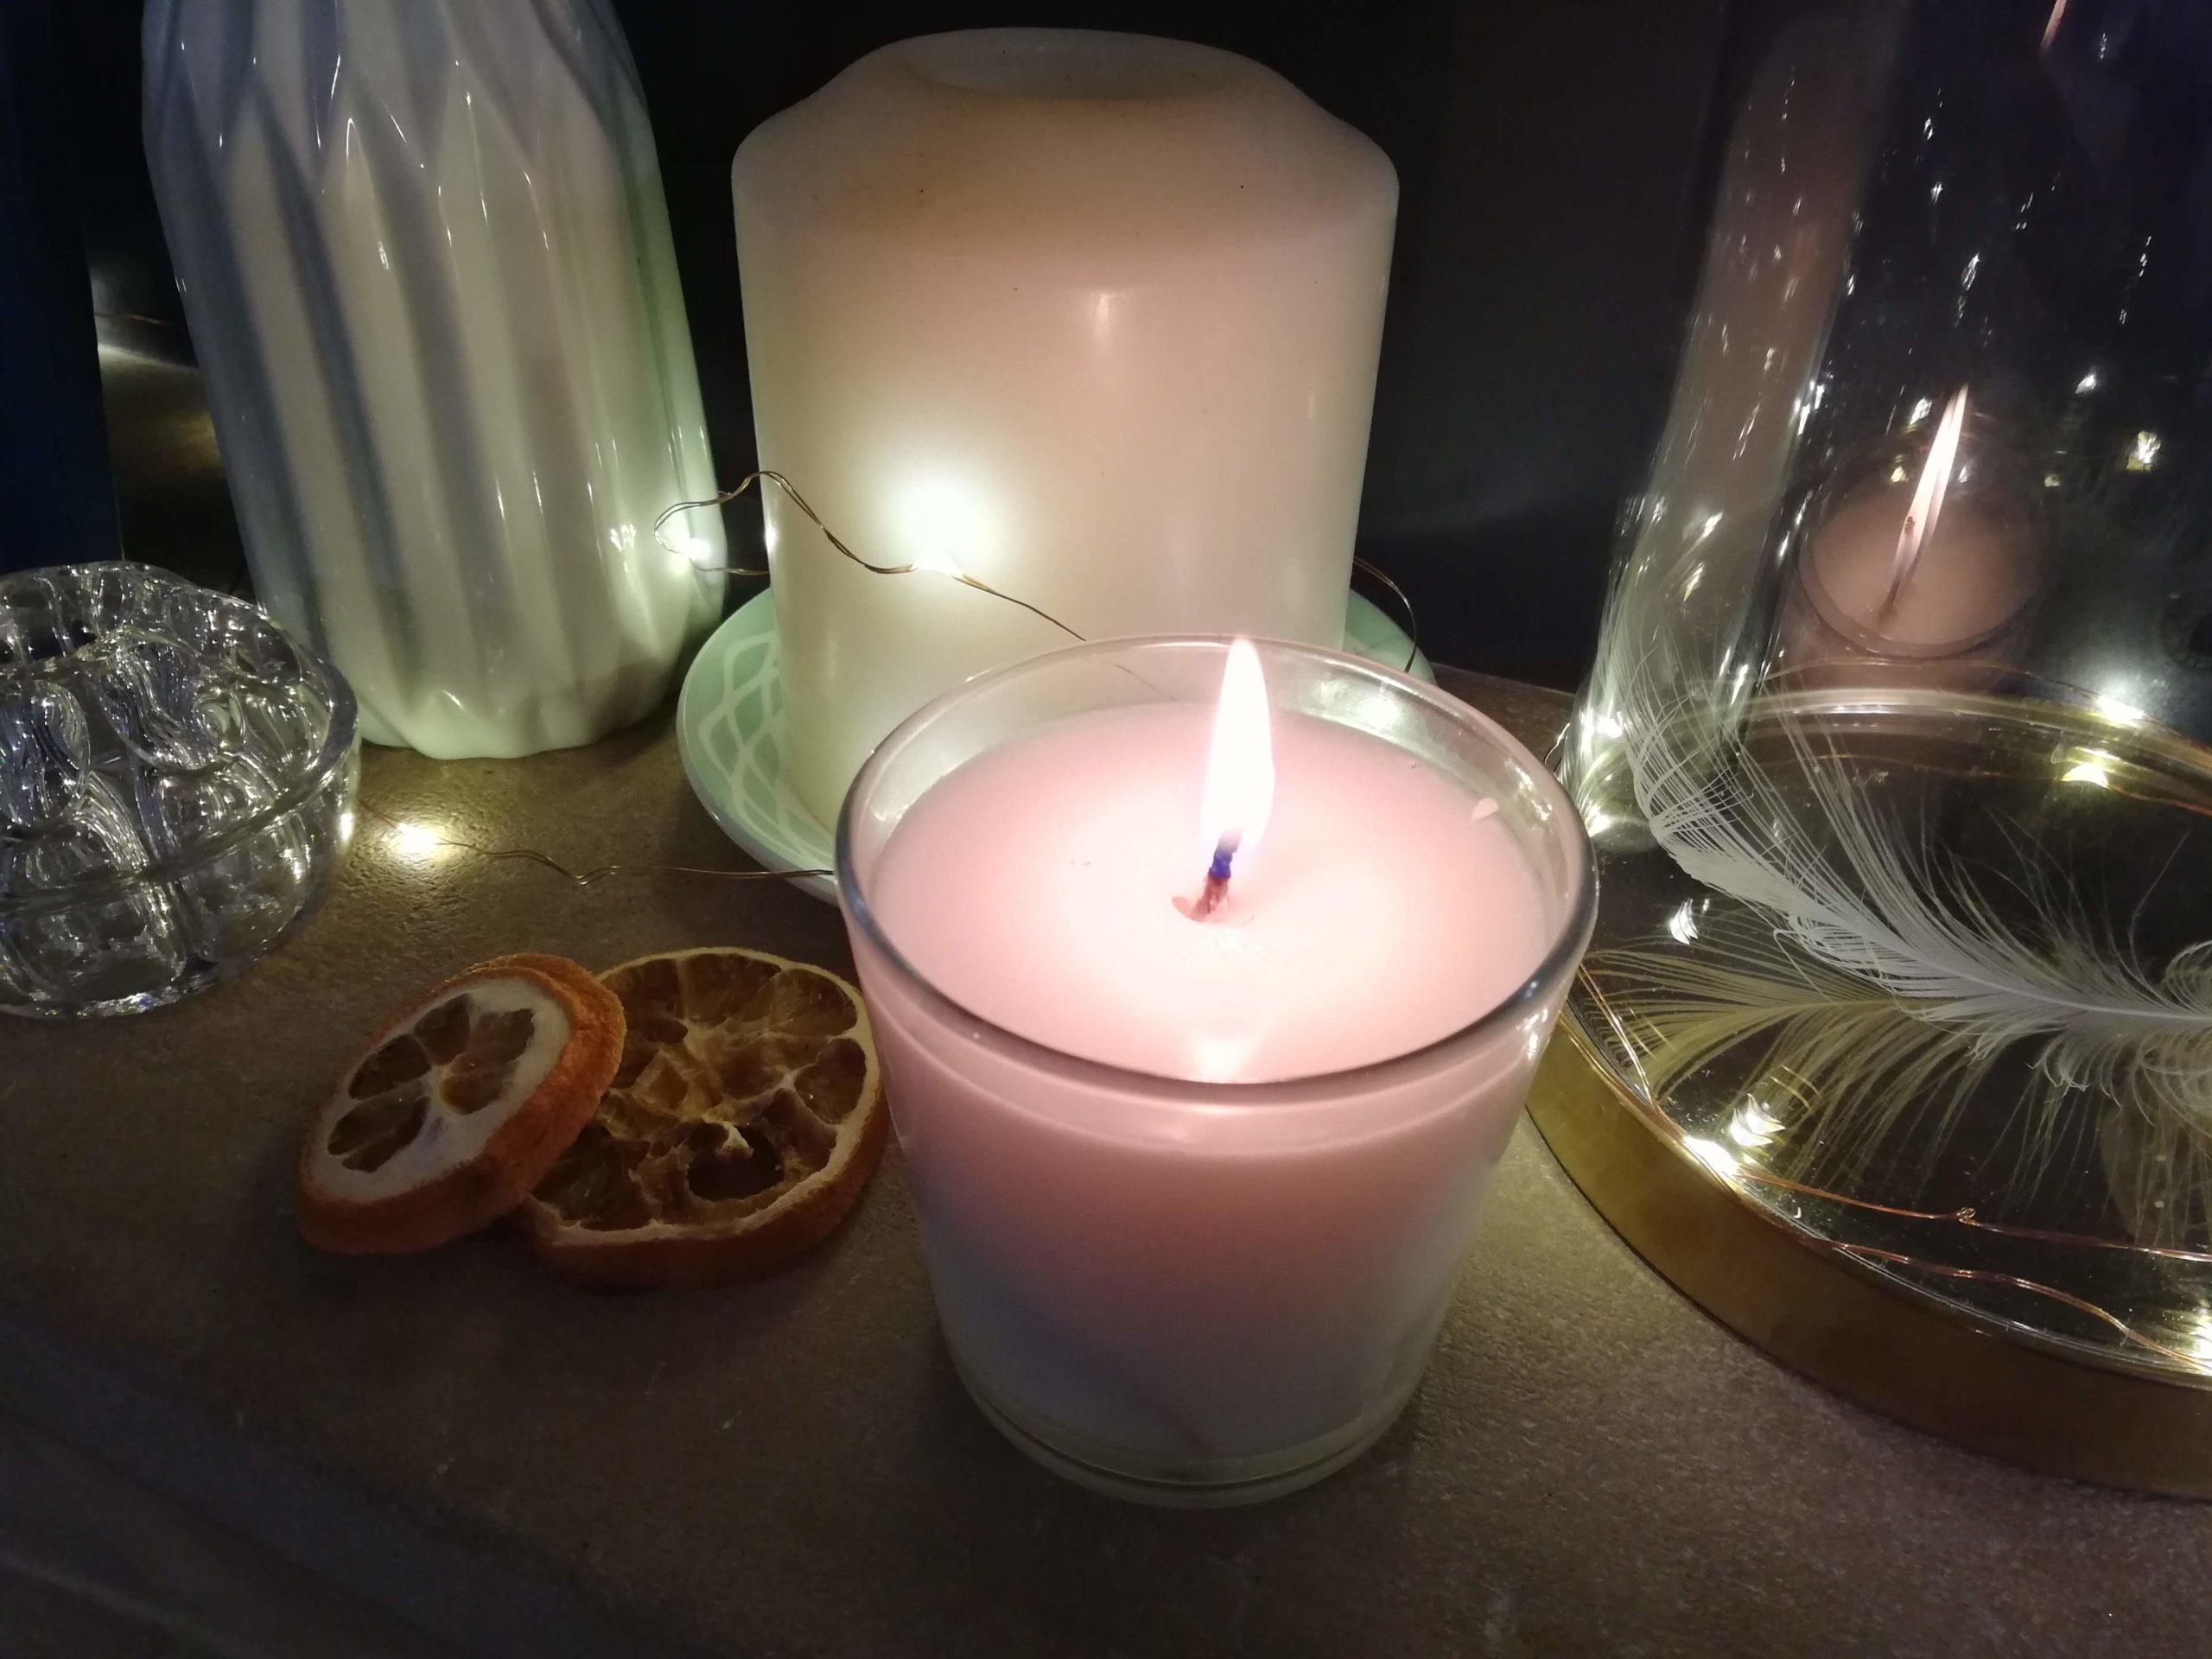 Dans sa chronique, Fleur propose de concevoir soi-même ses bougies parfumées (DIY, recette, fait maison).